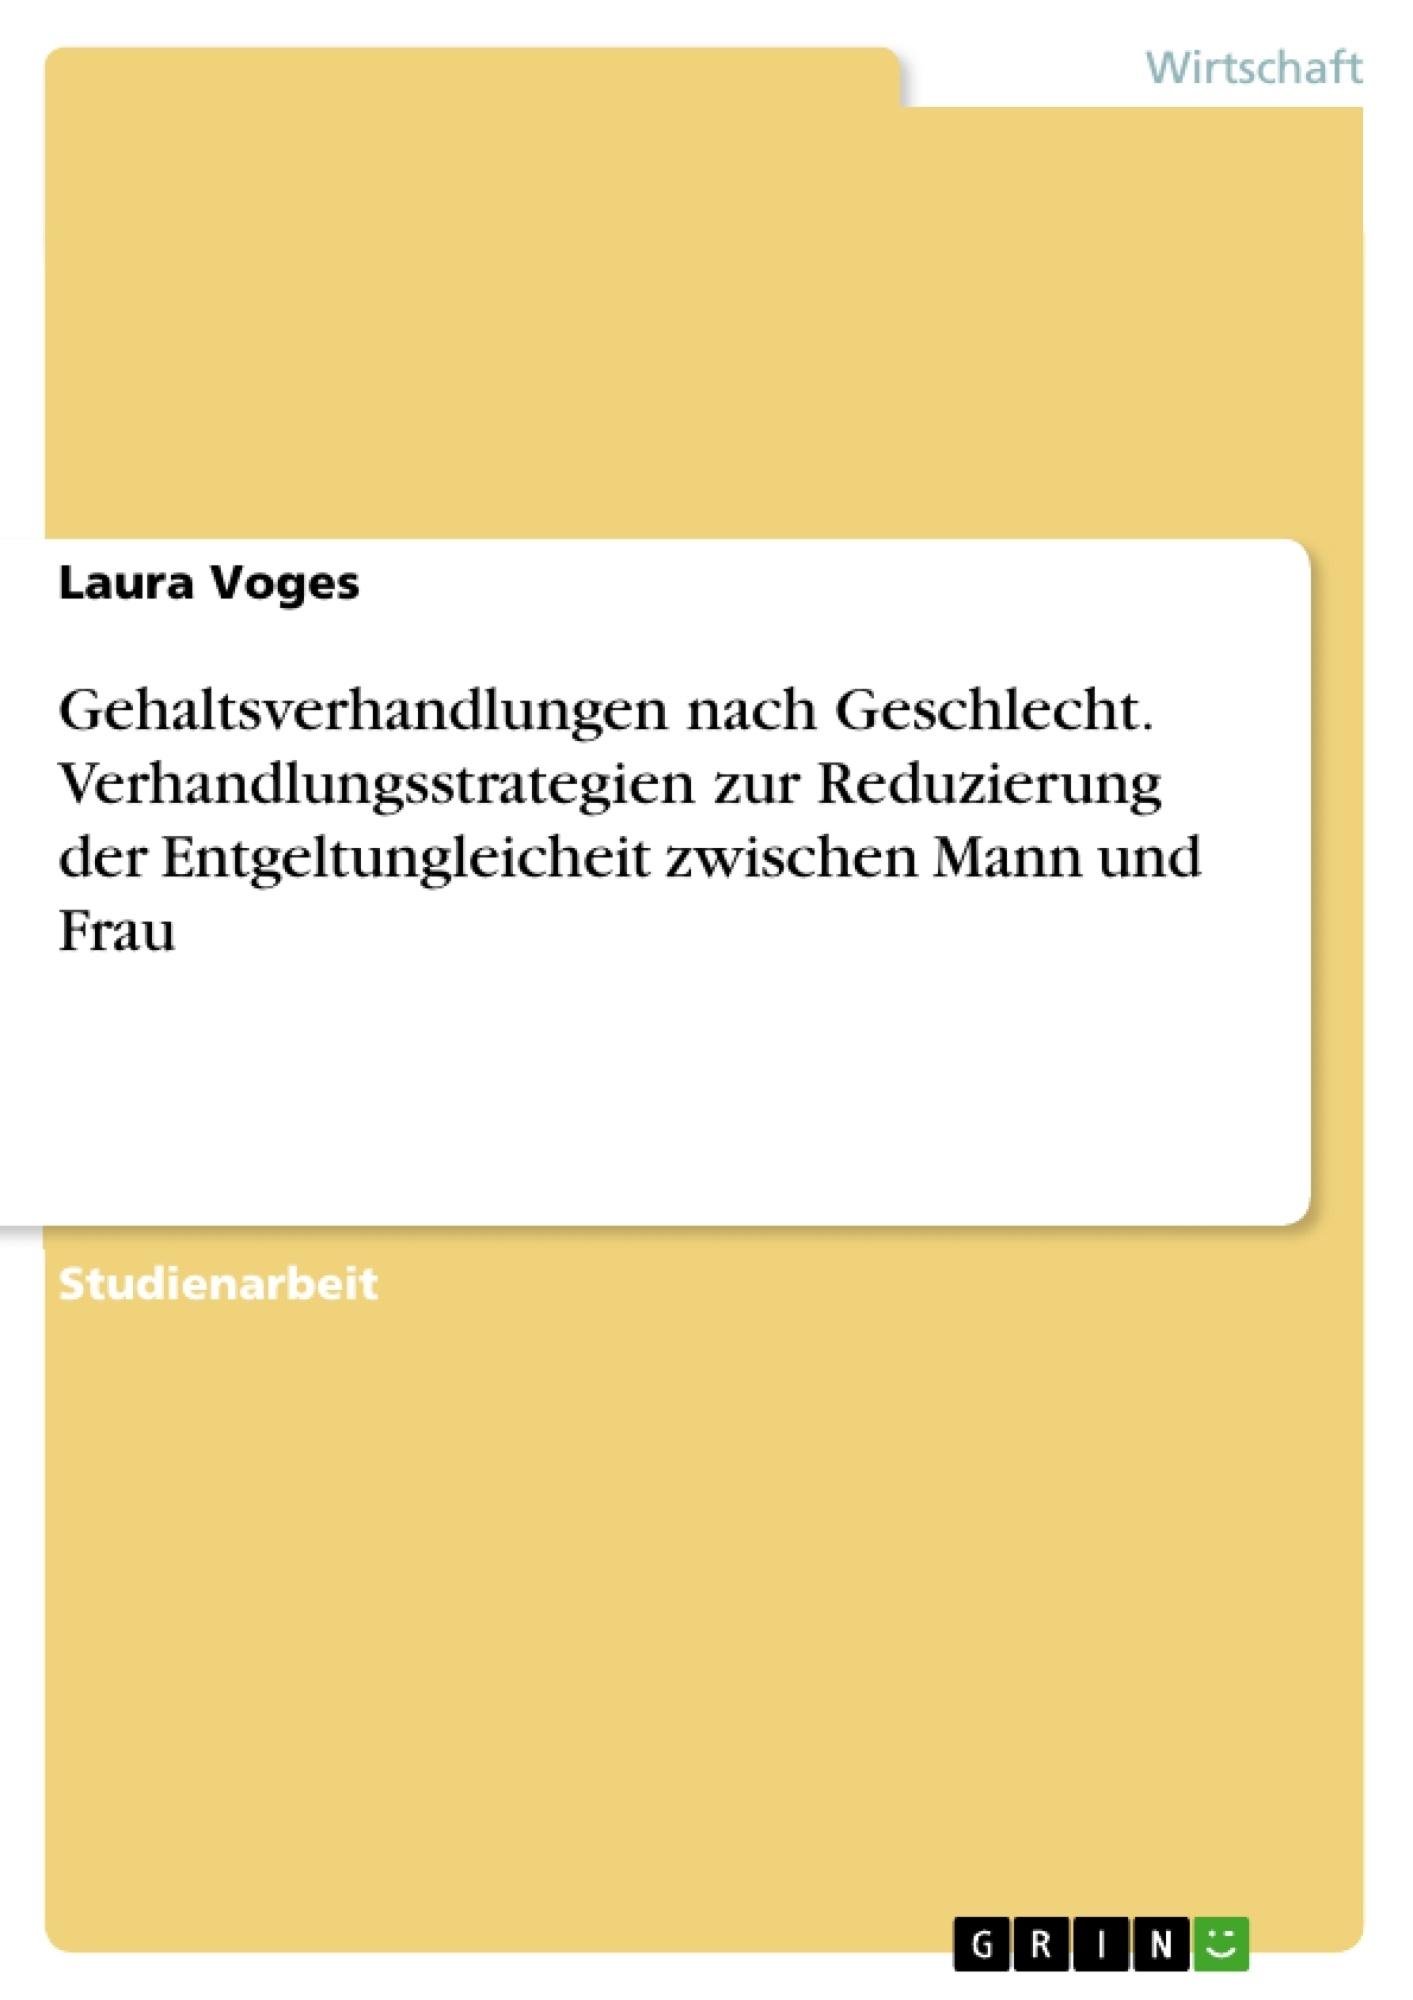 Titel: Gehaltsverhandlungen nach Geschlecht. Verhandlungsstrategien zur Reduzierung der Entgeltungleicheit zwischen Mann und Frau